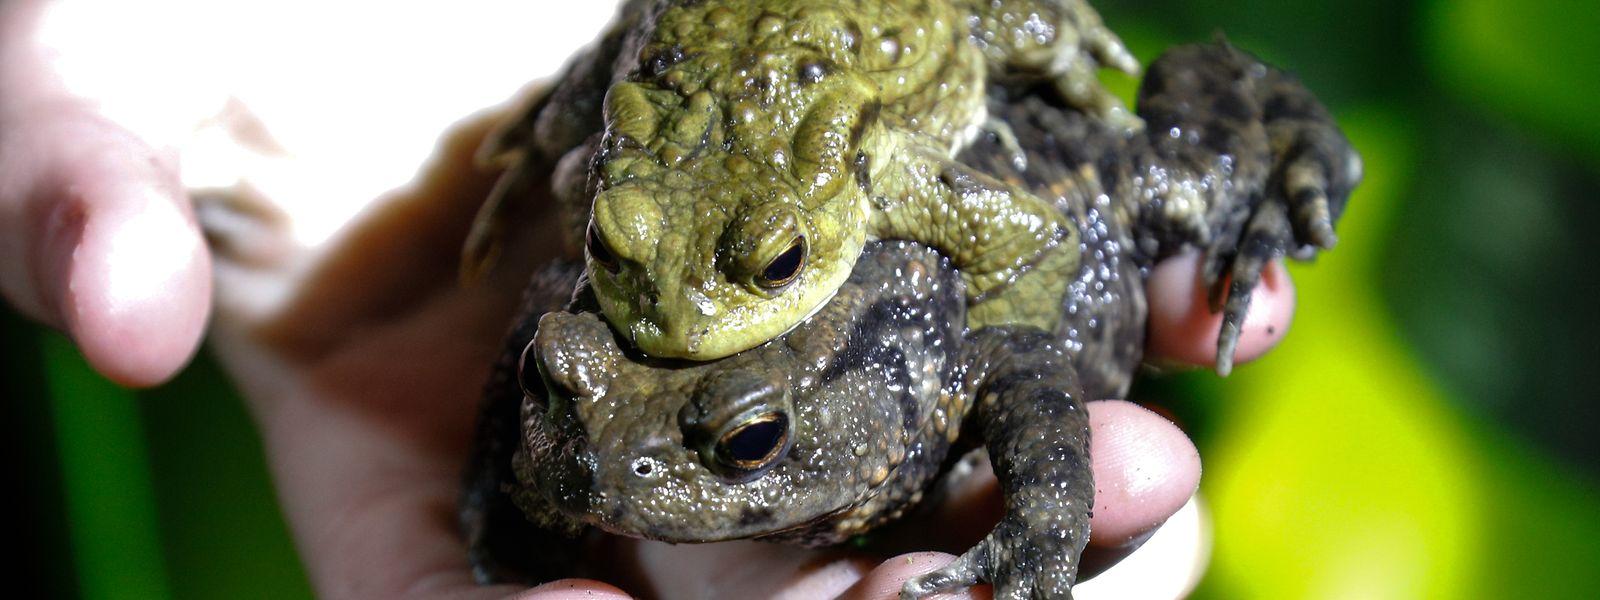 Die kleineren Männchen klammern sich während der Wanderungen gerne an größere Weibchen und lassen sich von ihnen tragen